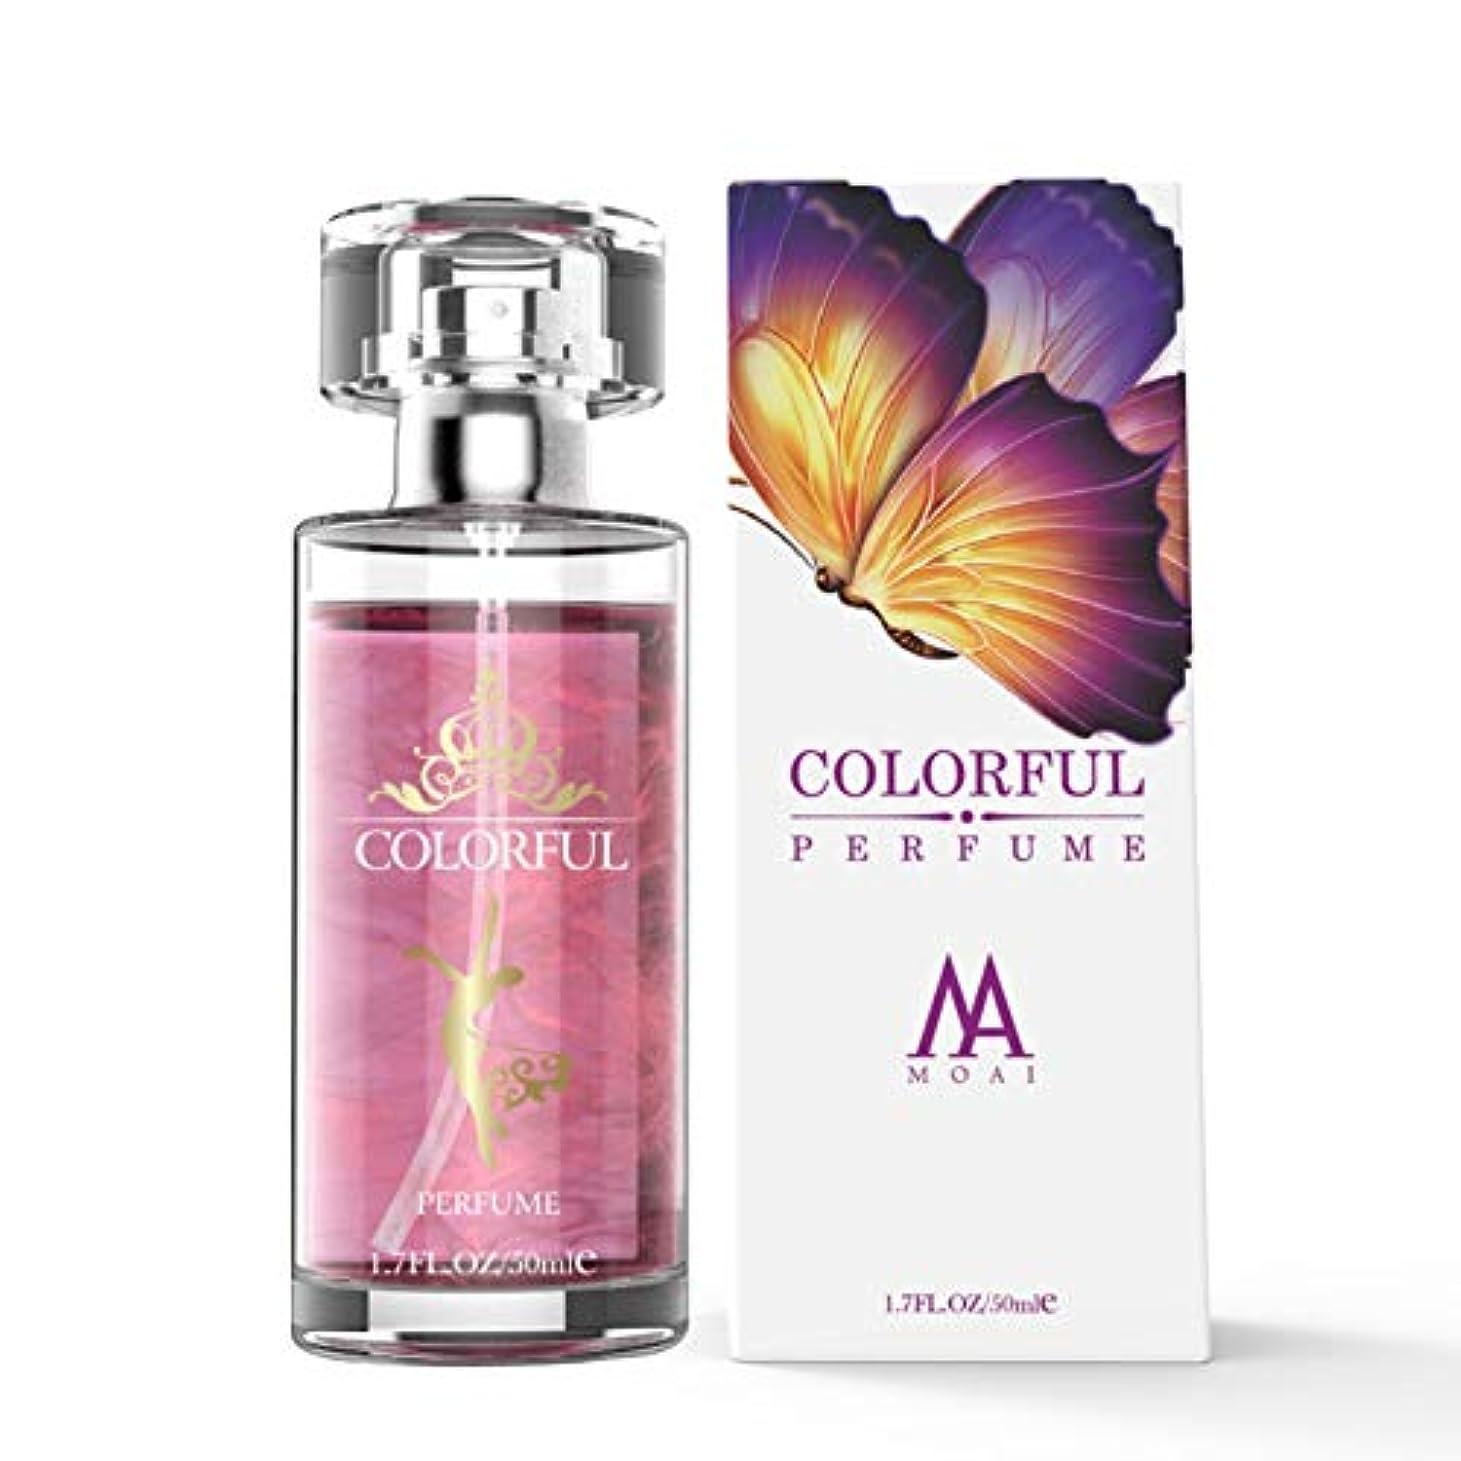 行為負怒るDkhsyフェロモン香水いちゃつく香水男性ボディスプレーの浮気の香水女性の媚薬香水